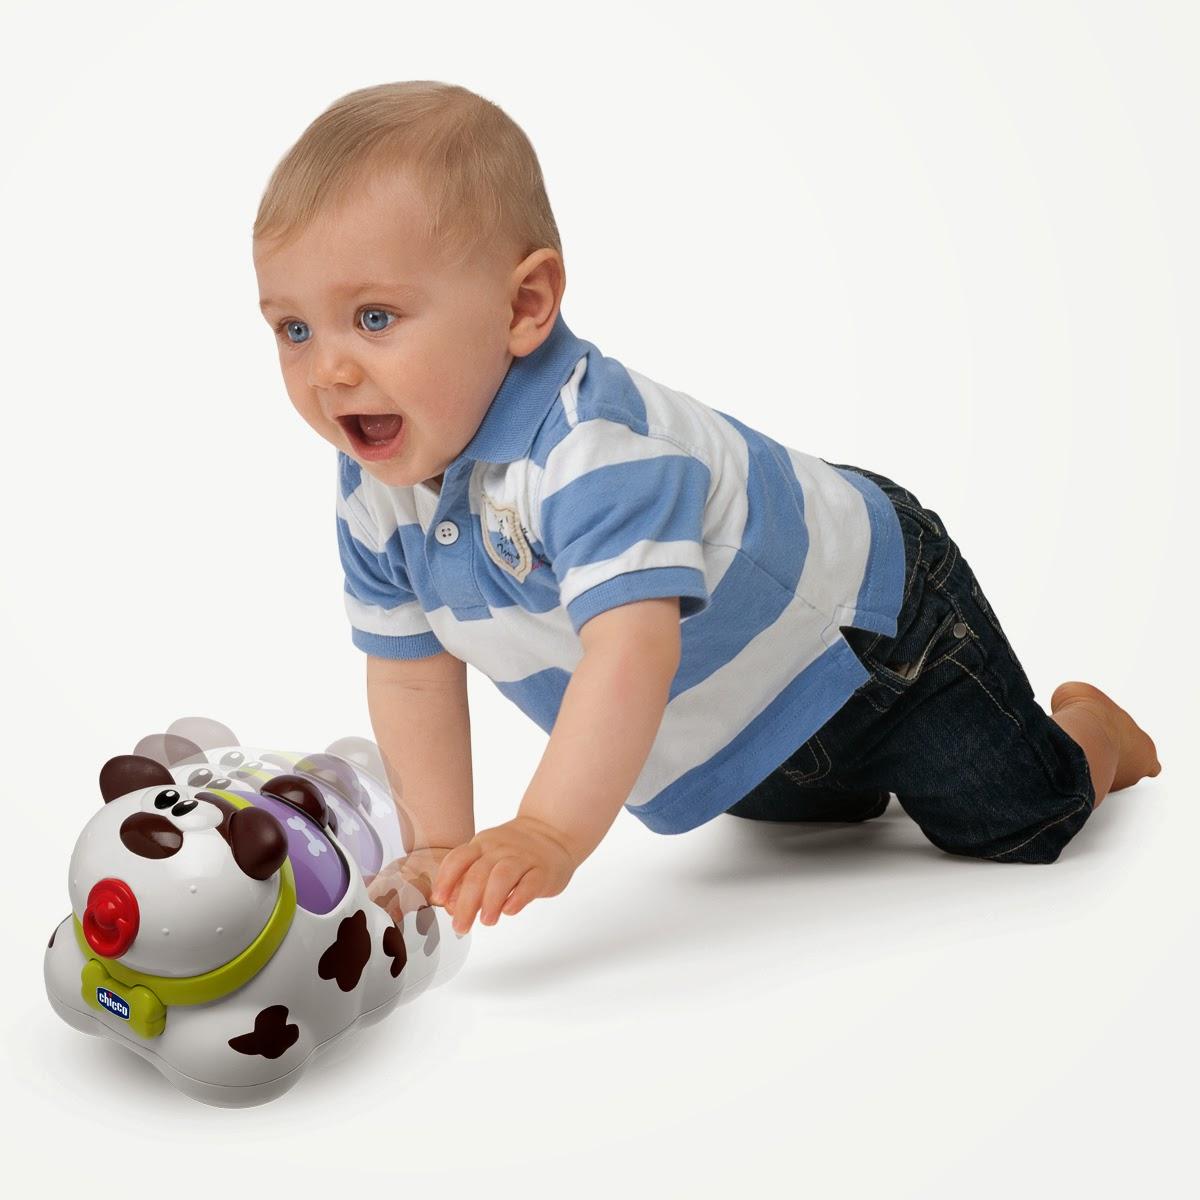 Двигающиеся игрушки с детьми